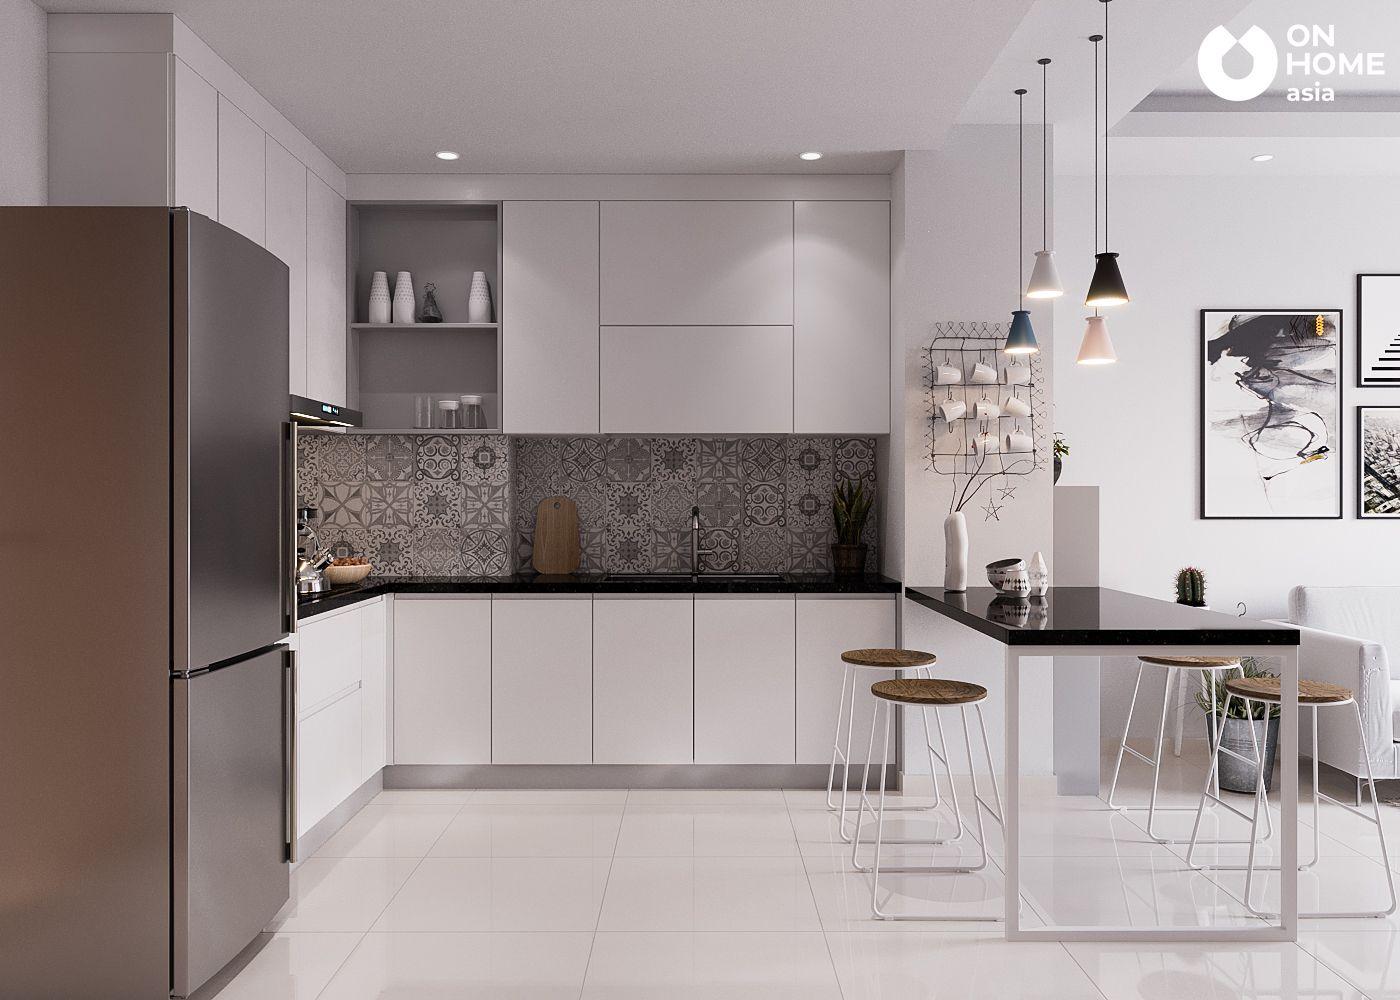 Phòng bếp căn hộ chung cư The View Type 4A4B